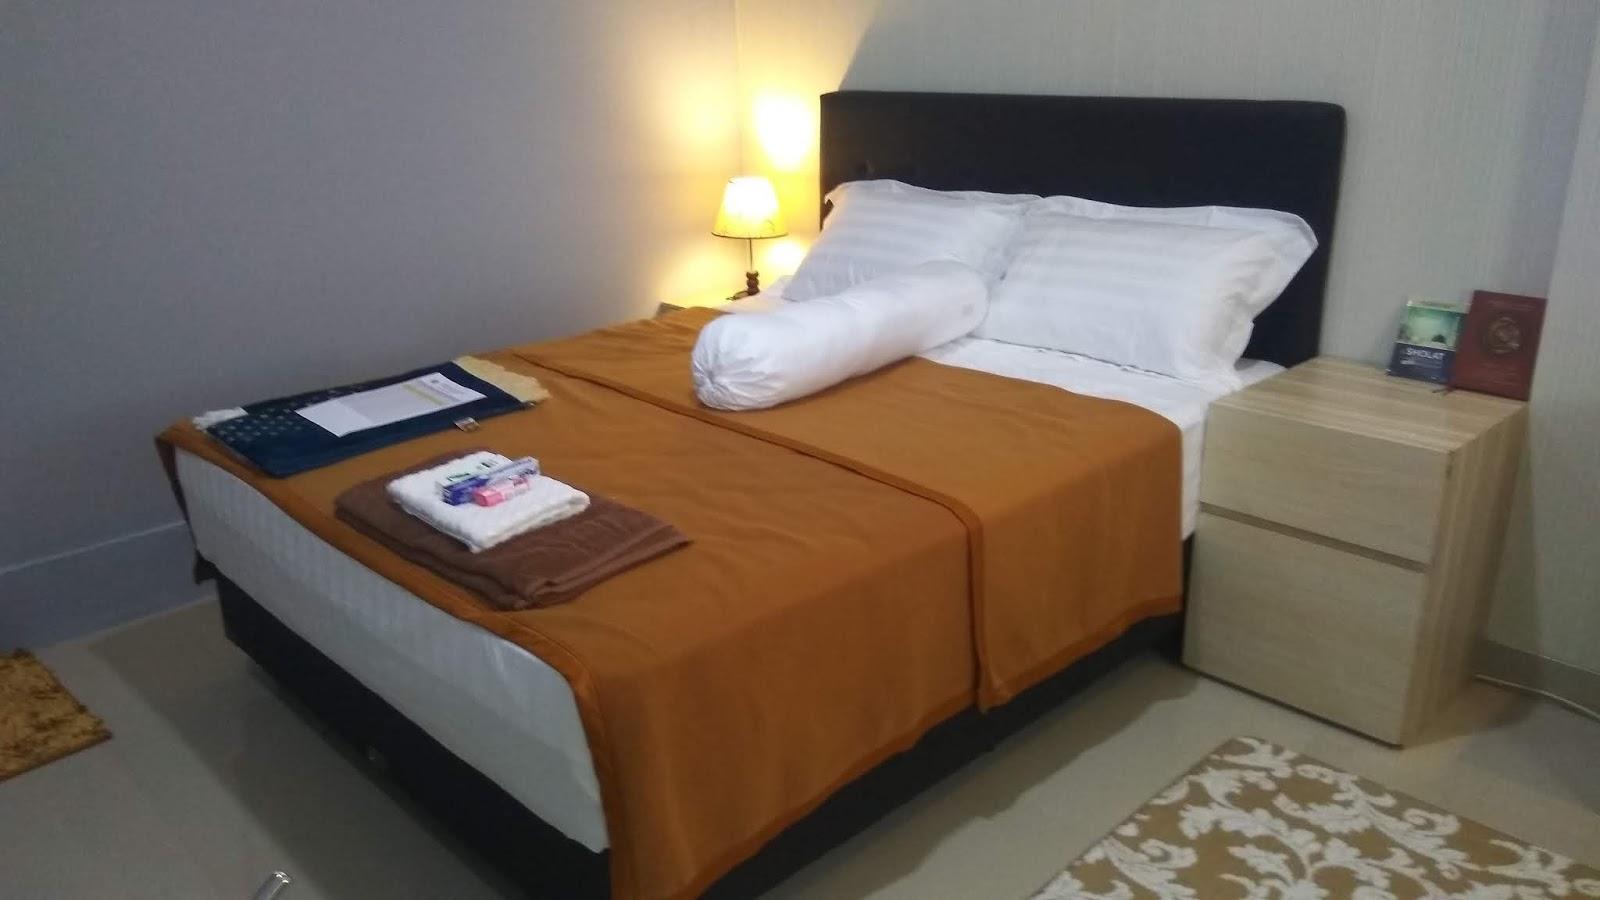 https://berita.satumenitnews.com/2019/01/sekarang-ada-hotel-syariah-di-wonosobo.html